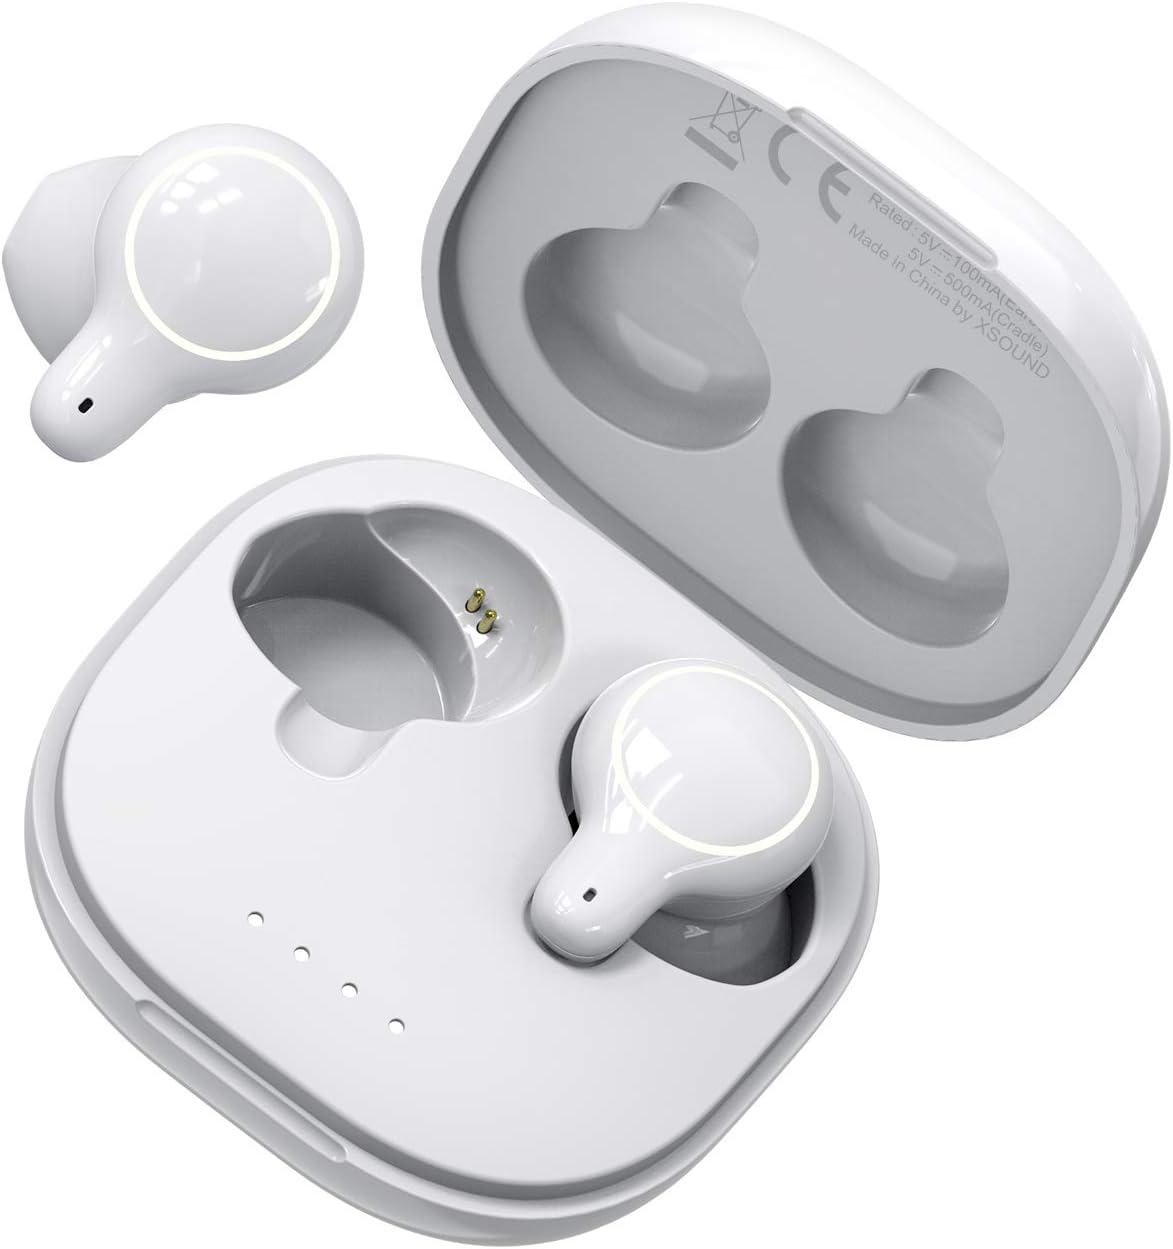 HolyHigh Auriculares Bluetooth 5.0 Auriculares Inalambricos Bluetooth Airpods Sonido Estéreo Hi-Fi Auriculares Inalambricos Deportivos IPX5 Impermeable con 500mAh Estuche de Carga para iOS Android